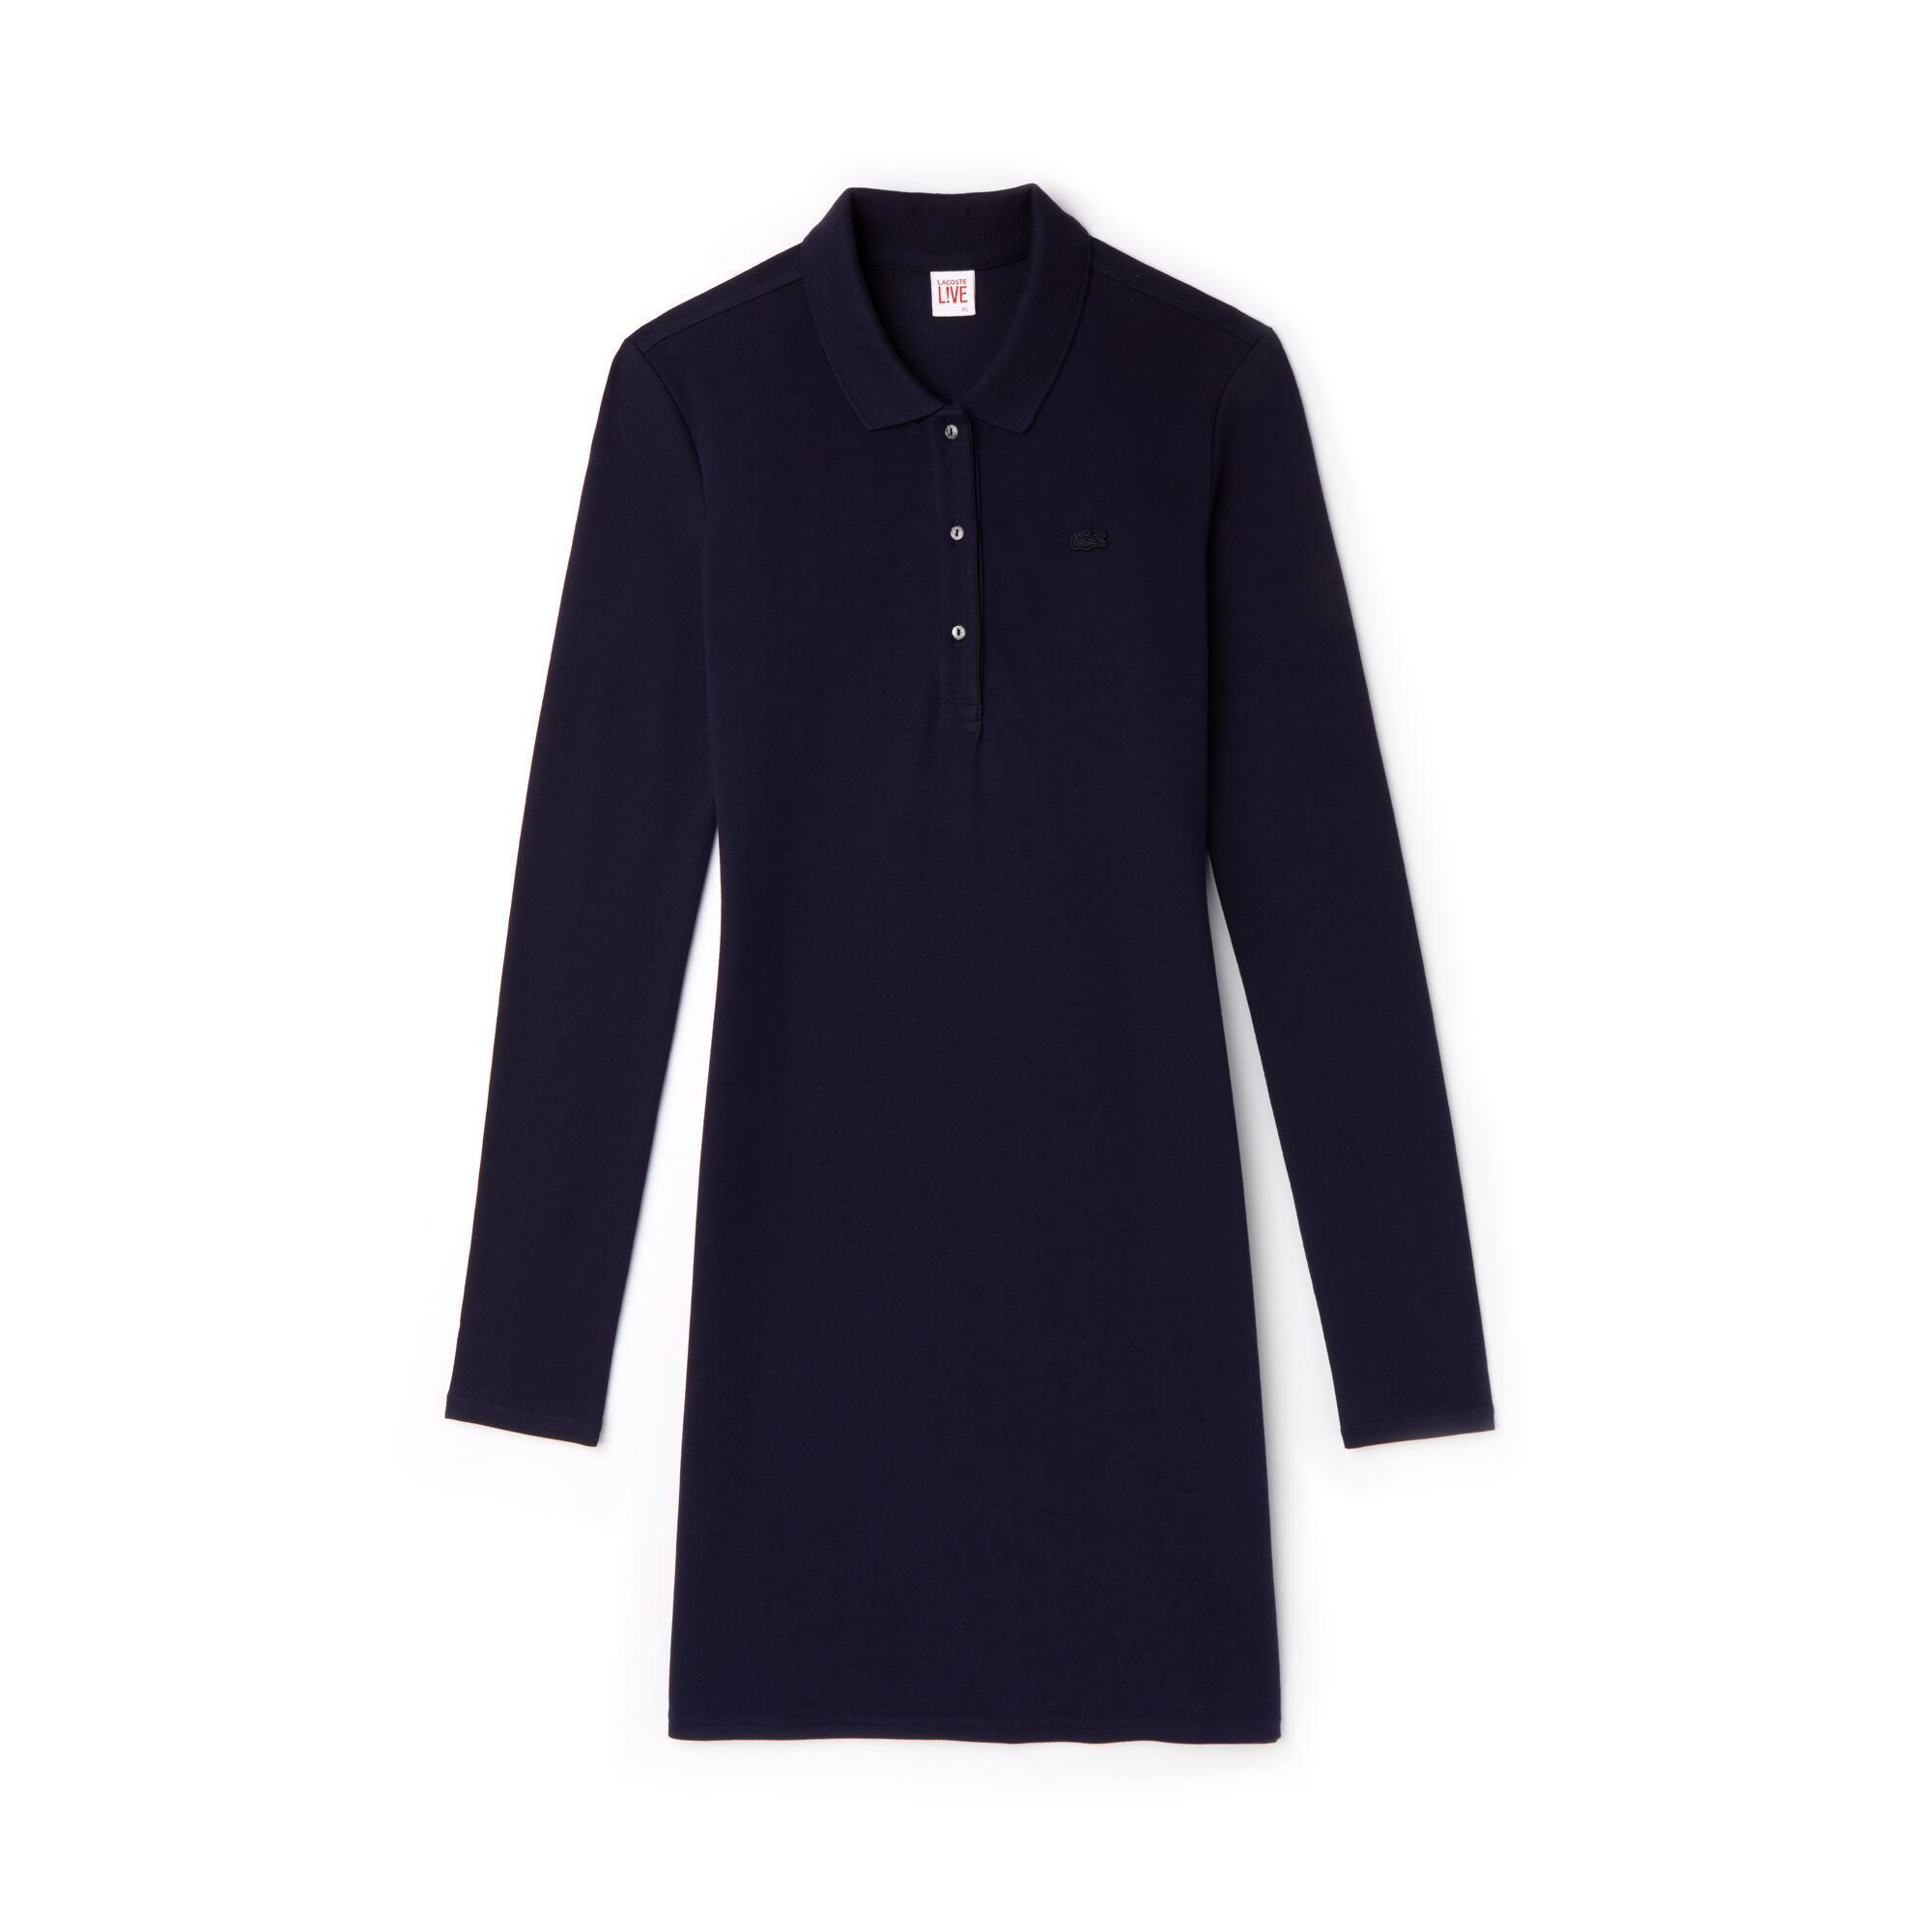 Women's Lacoste LIVE Slim Fit Stretch Piqué Polo Dress